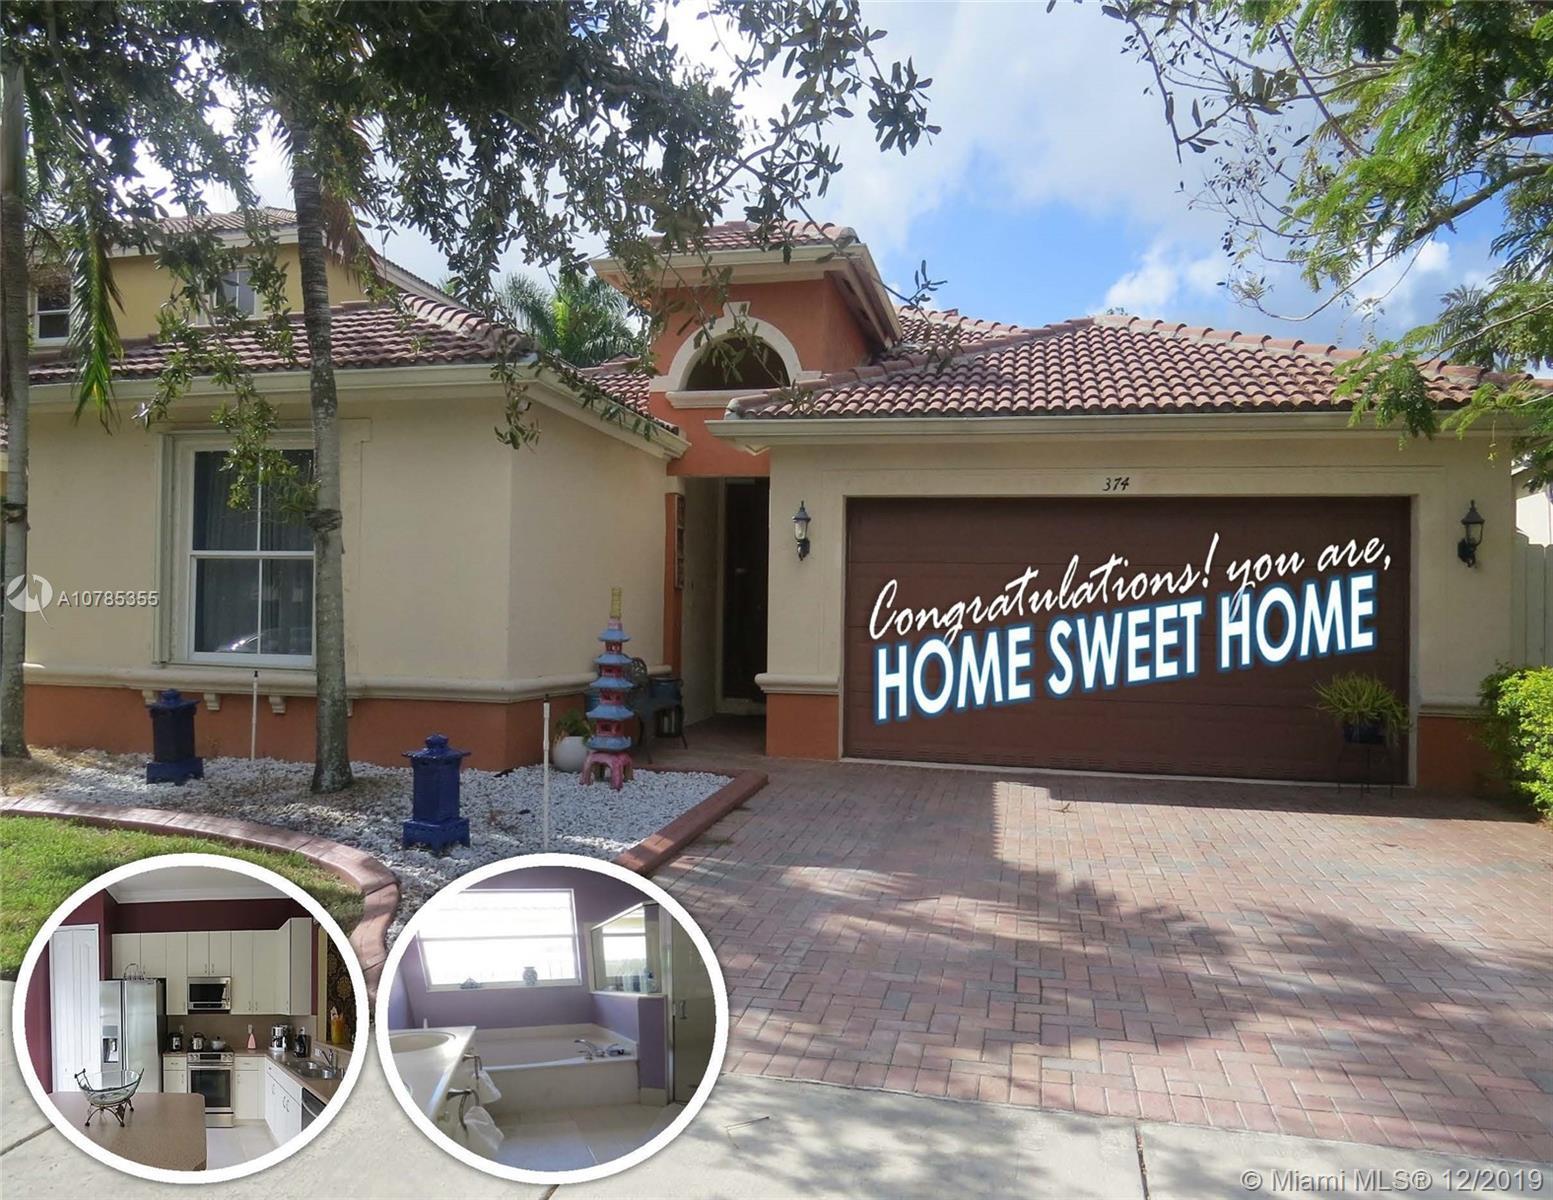 374 NE 19 Av, Homestead, FL 33033 - Homestead, FL real estate listing